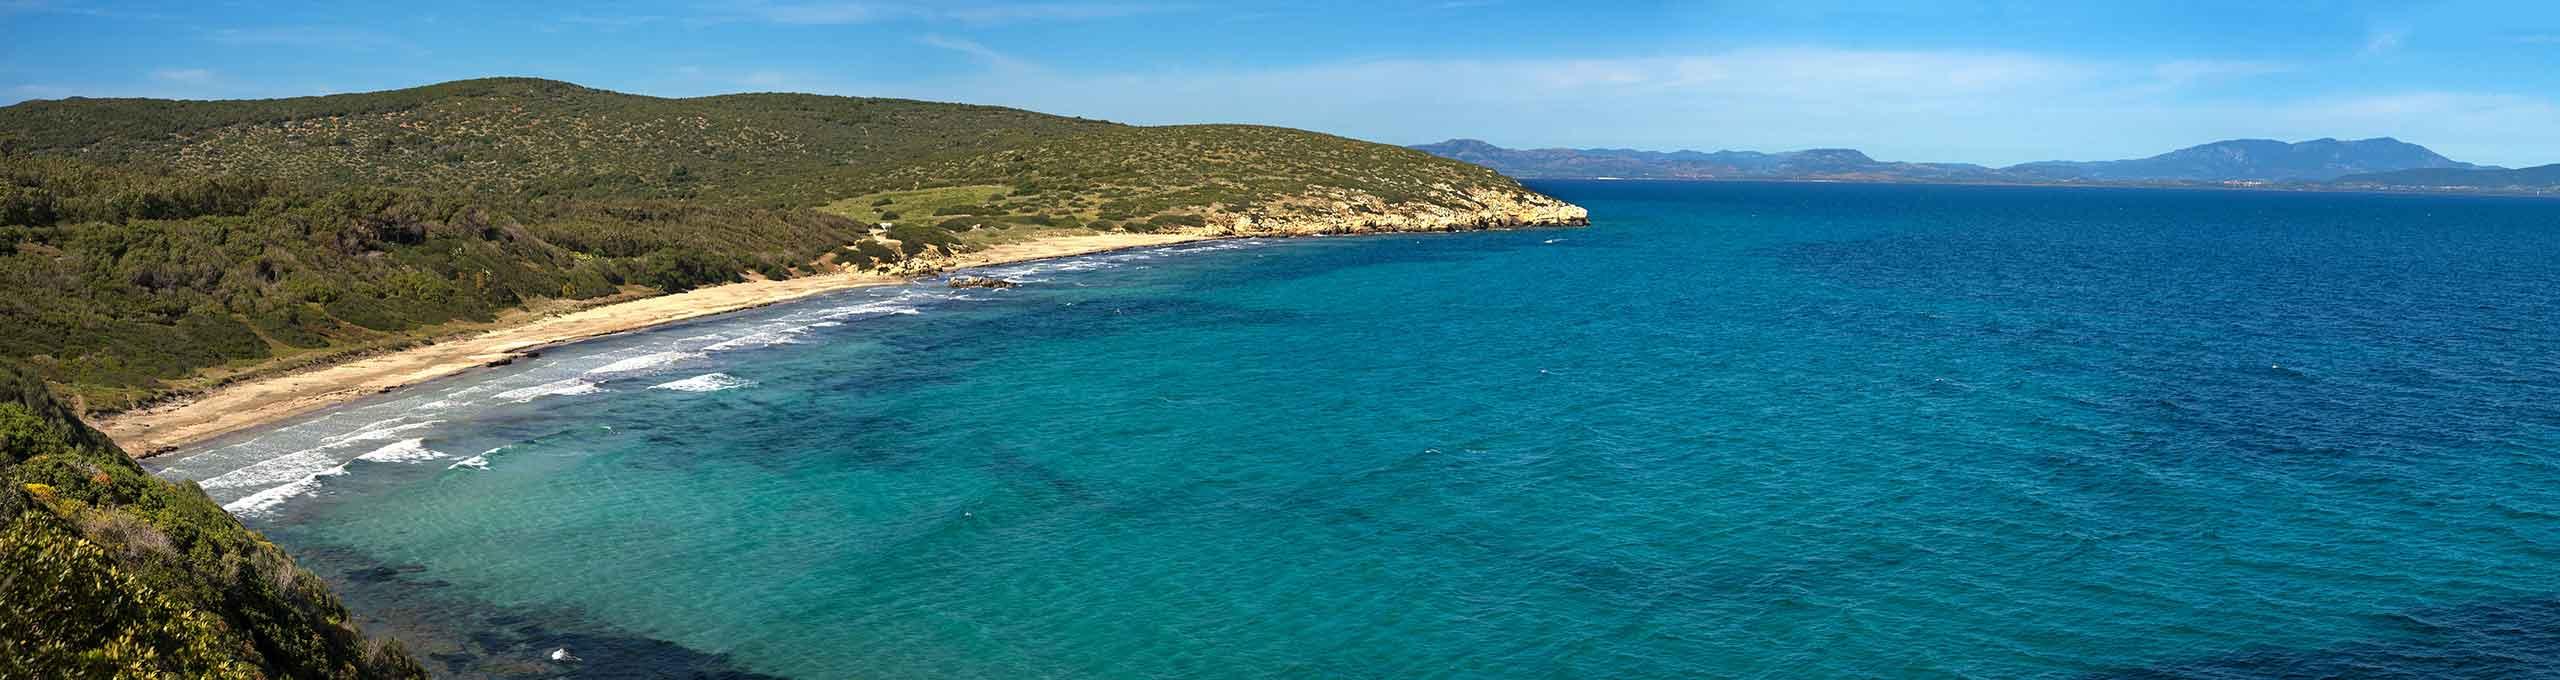 Sant'Antioco spiaggia Coequaddus